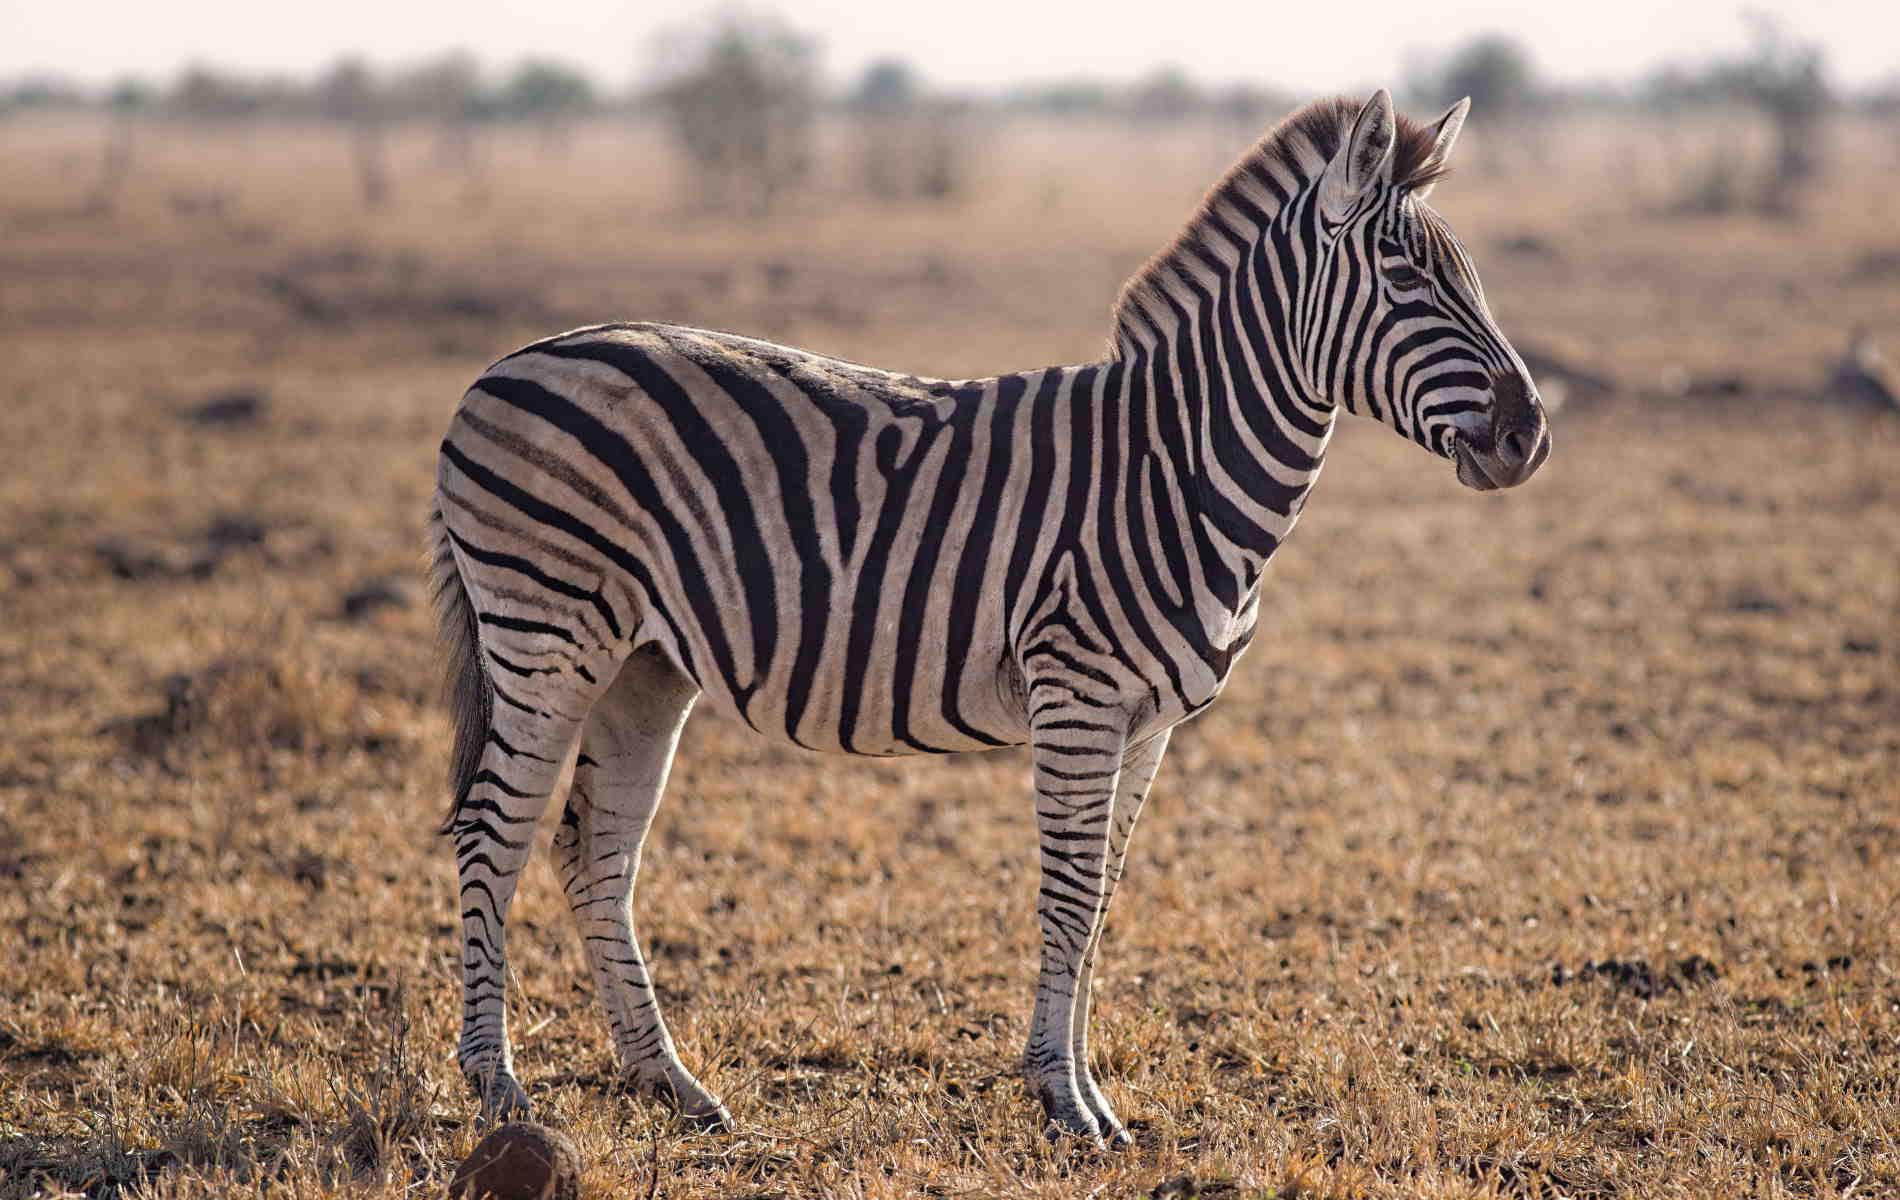 Zebra Hd Wallpaper - Forever Wallpapers